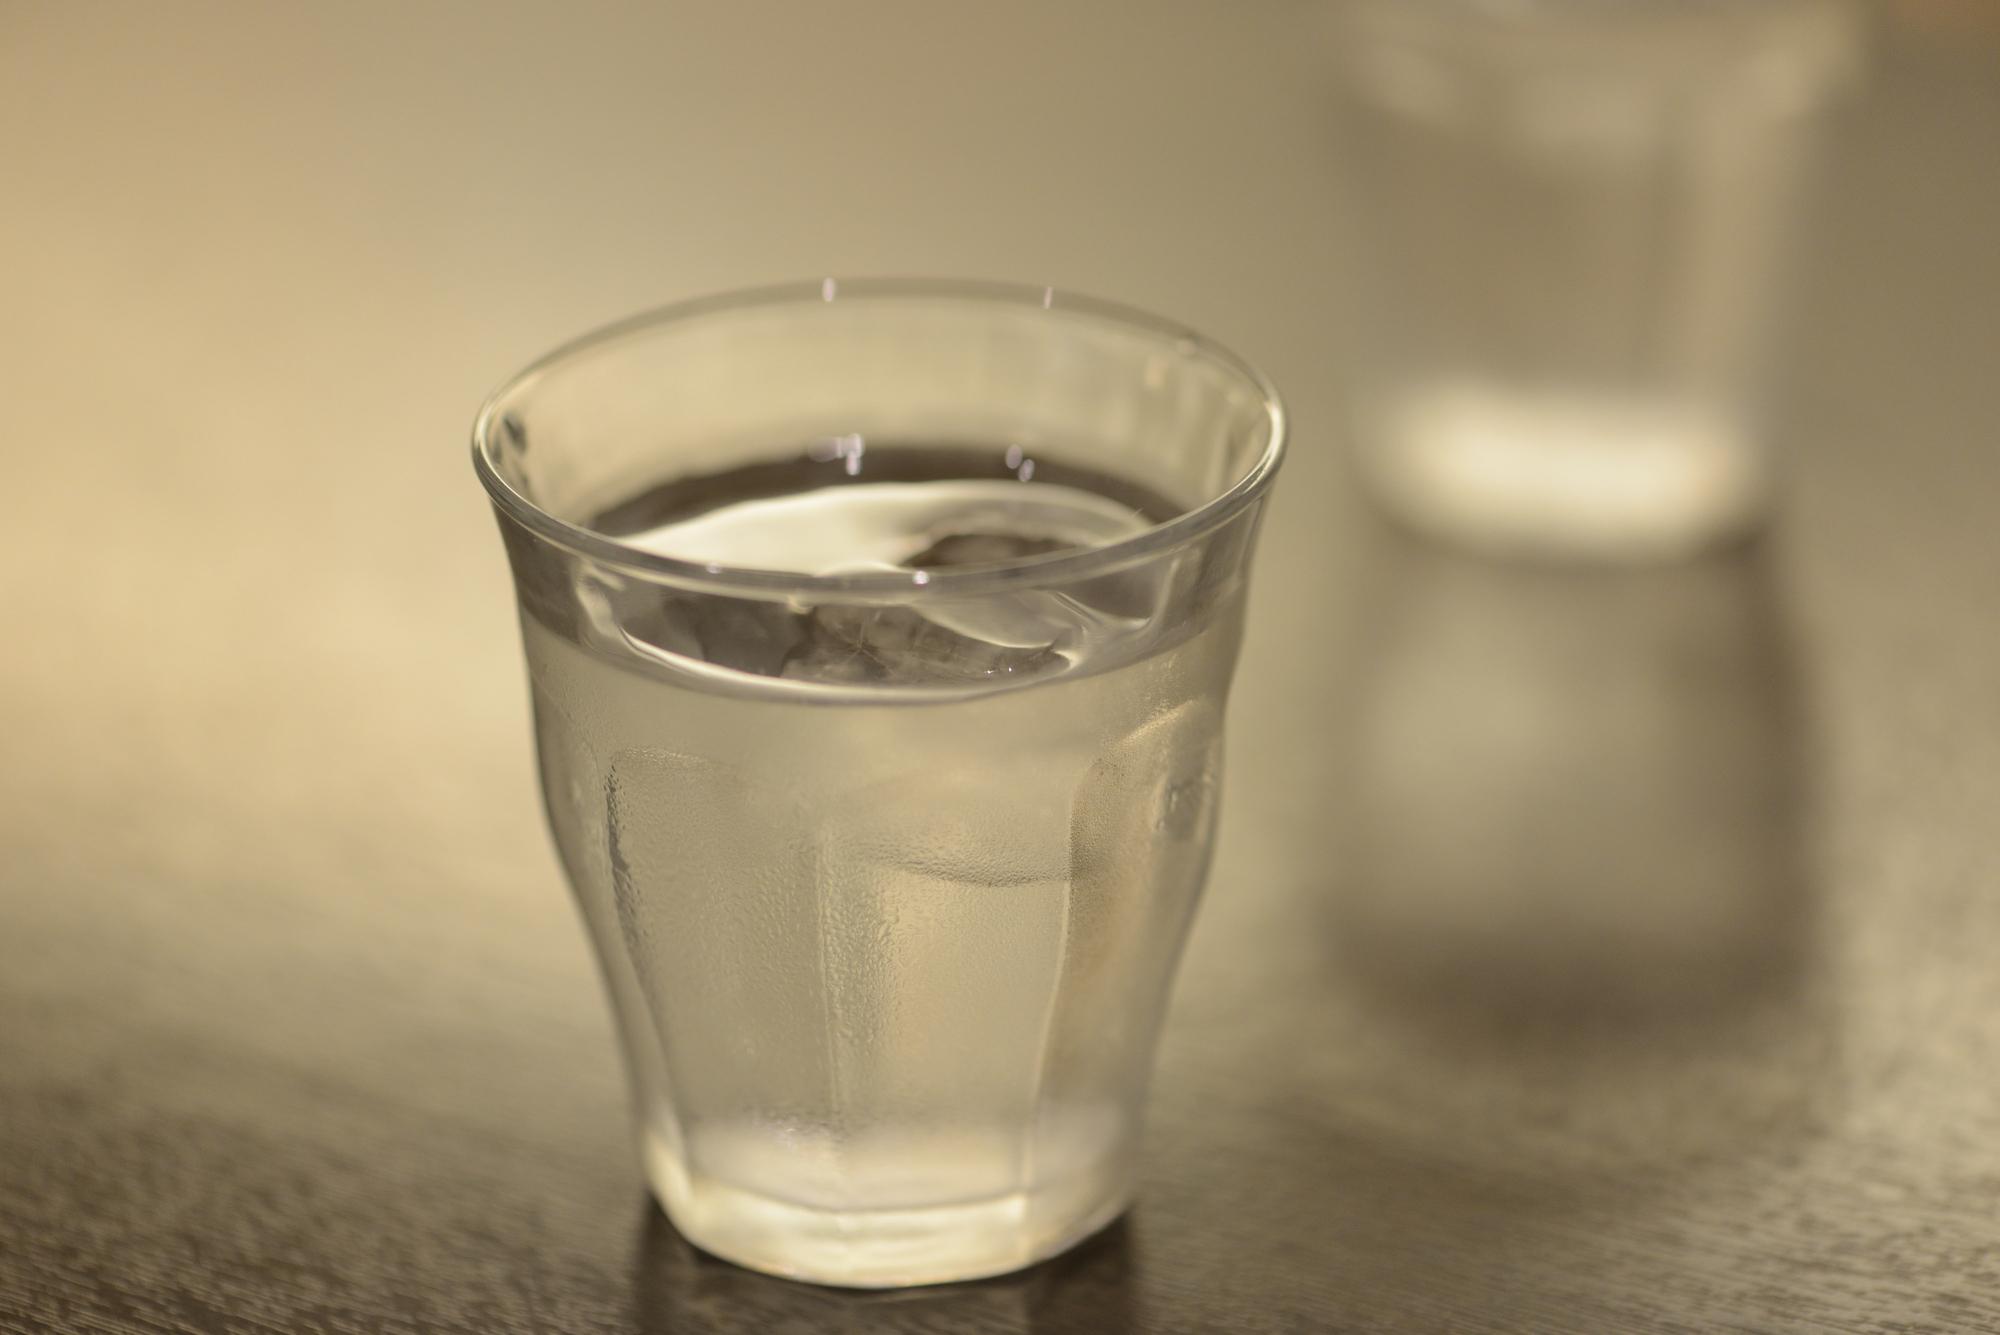 二日酔いに効く食べ物&飲み物まとめ!コンビニで買えるものや簡単レシピもご紹介のサムネイル画像